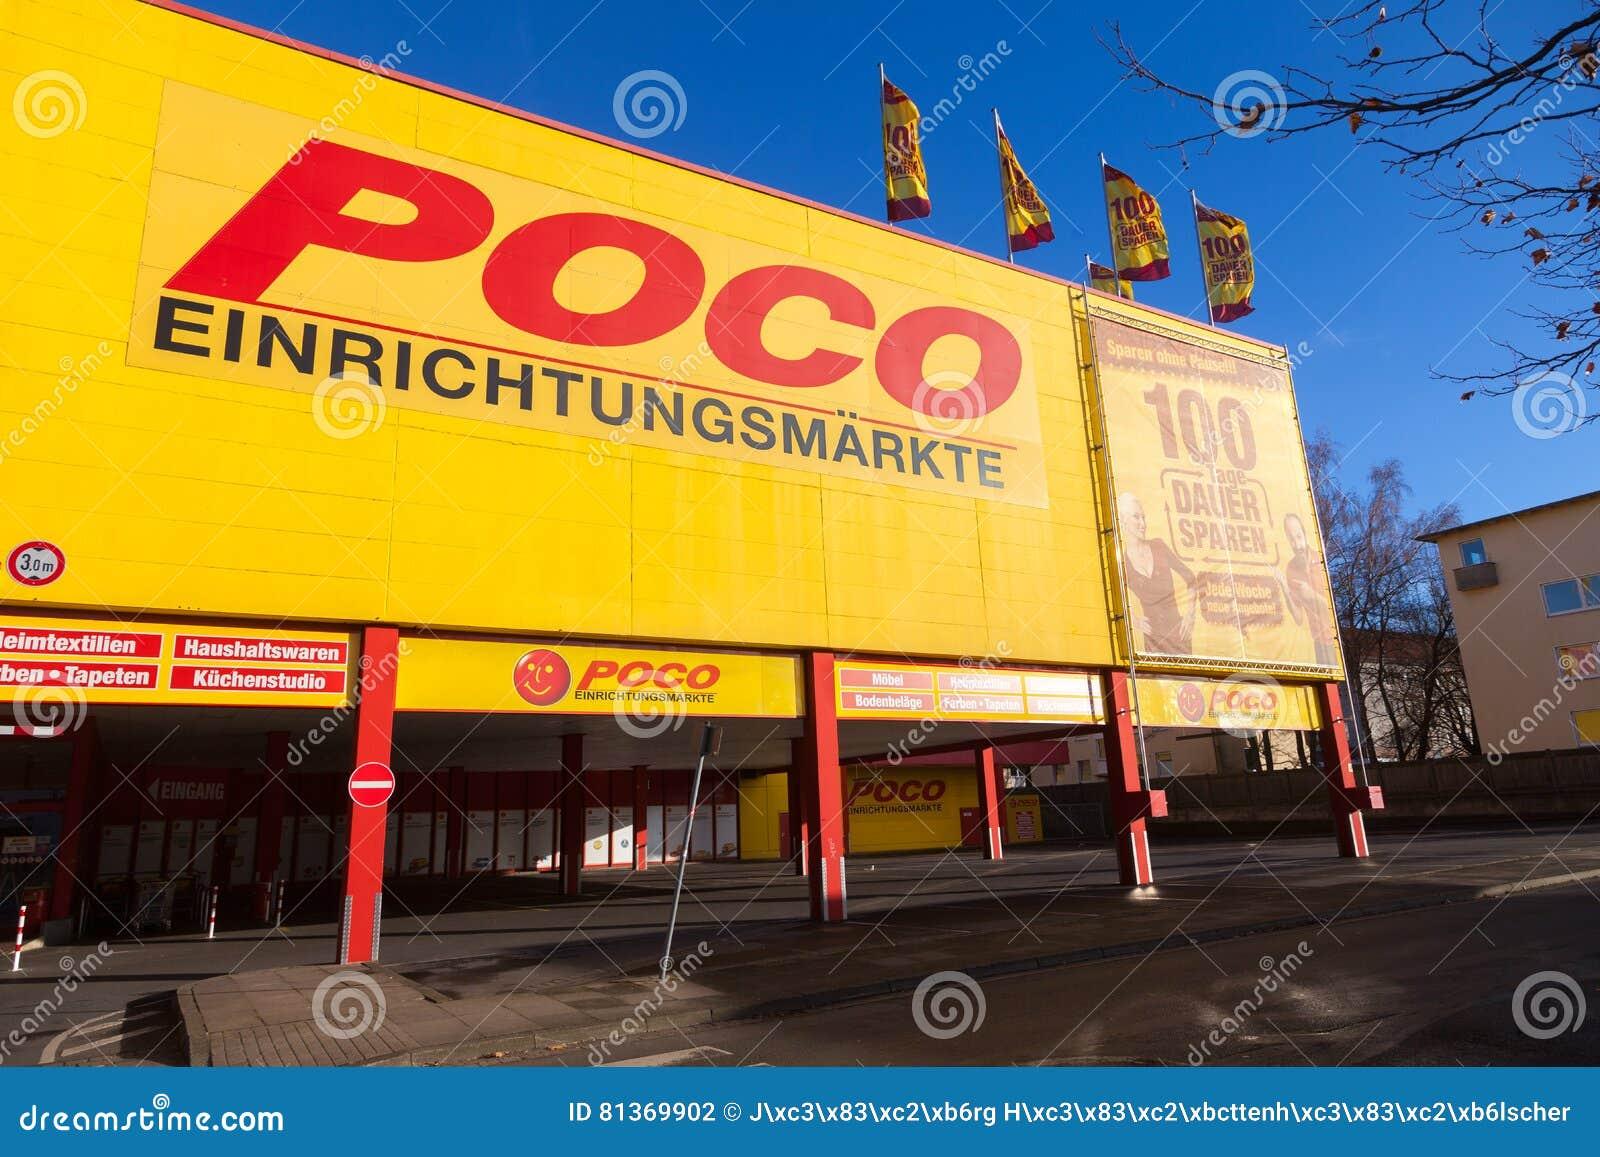 Deutsche Poco Einrichtungsmaerkte Möbelshops Brennen Auf Einem Poco